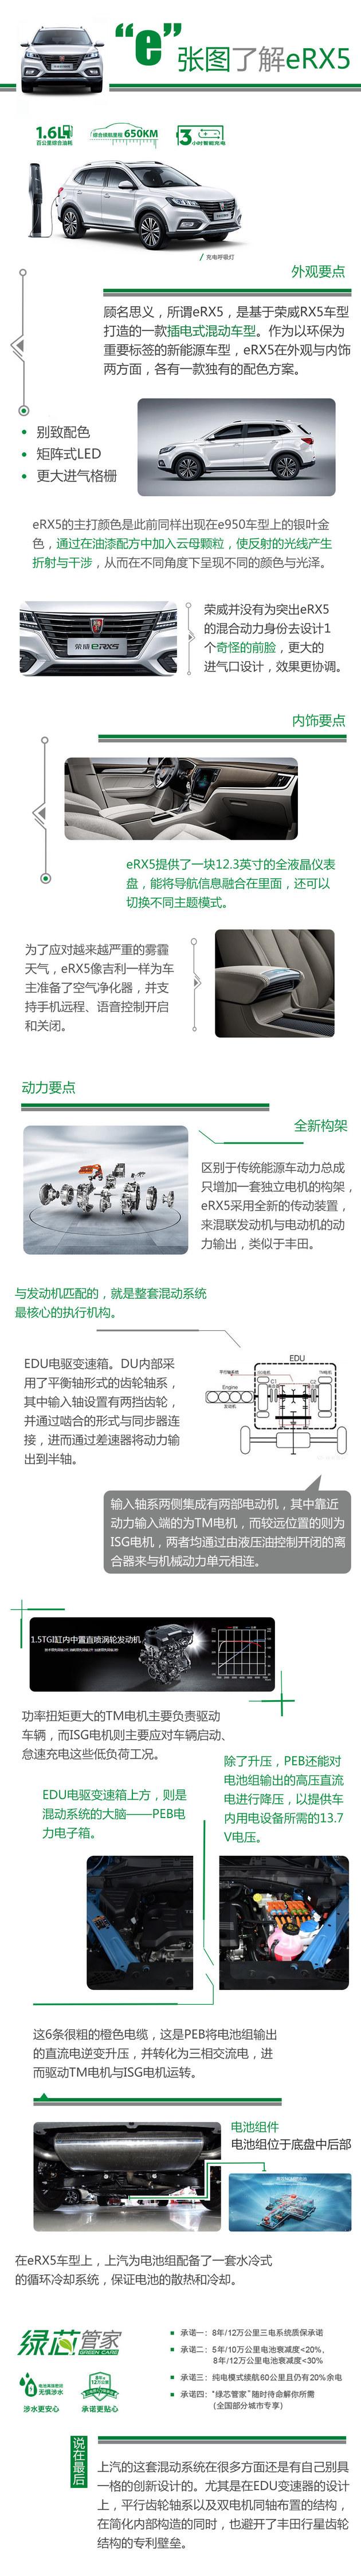 荣威eRX5插电混动版赛道试驾 测试成绩抢眼